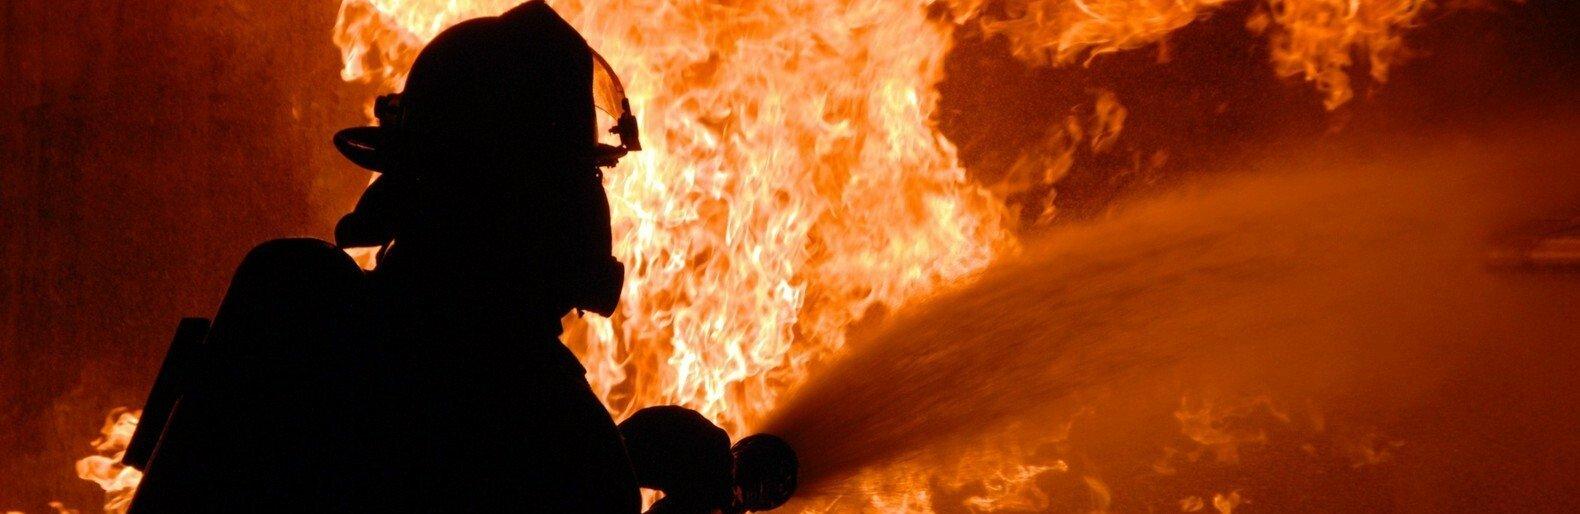 Сегодня ночью в Одессе сгорел автомобиль BMW,- ВИДЕО0